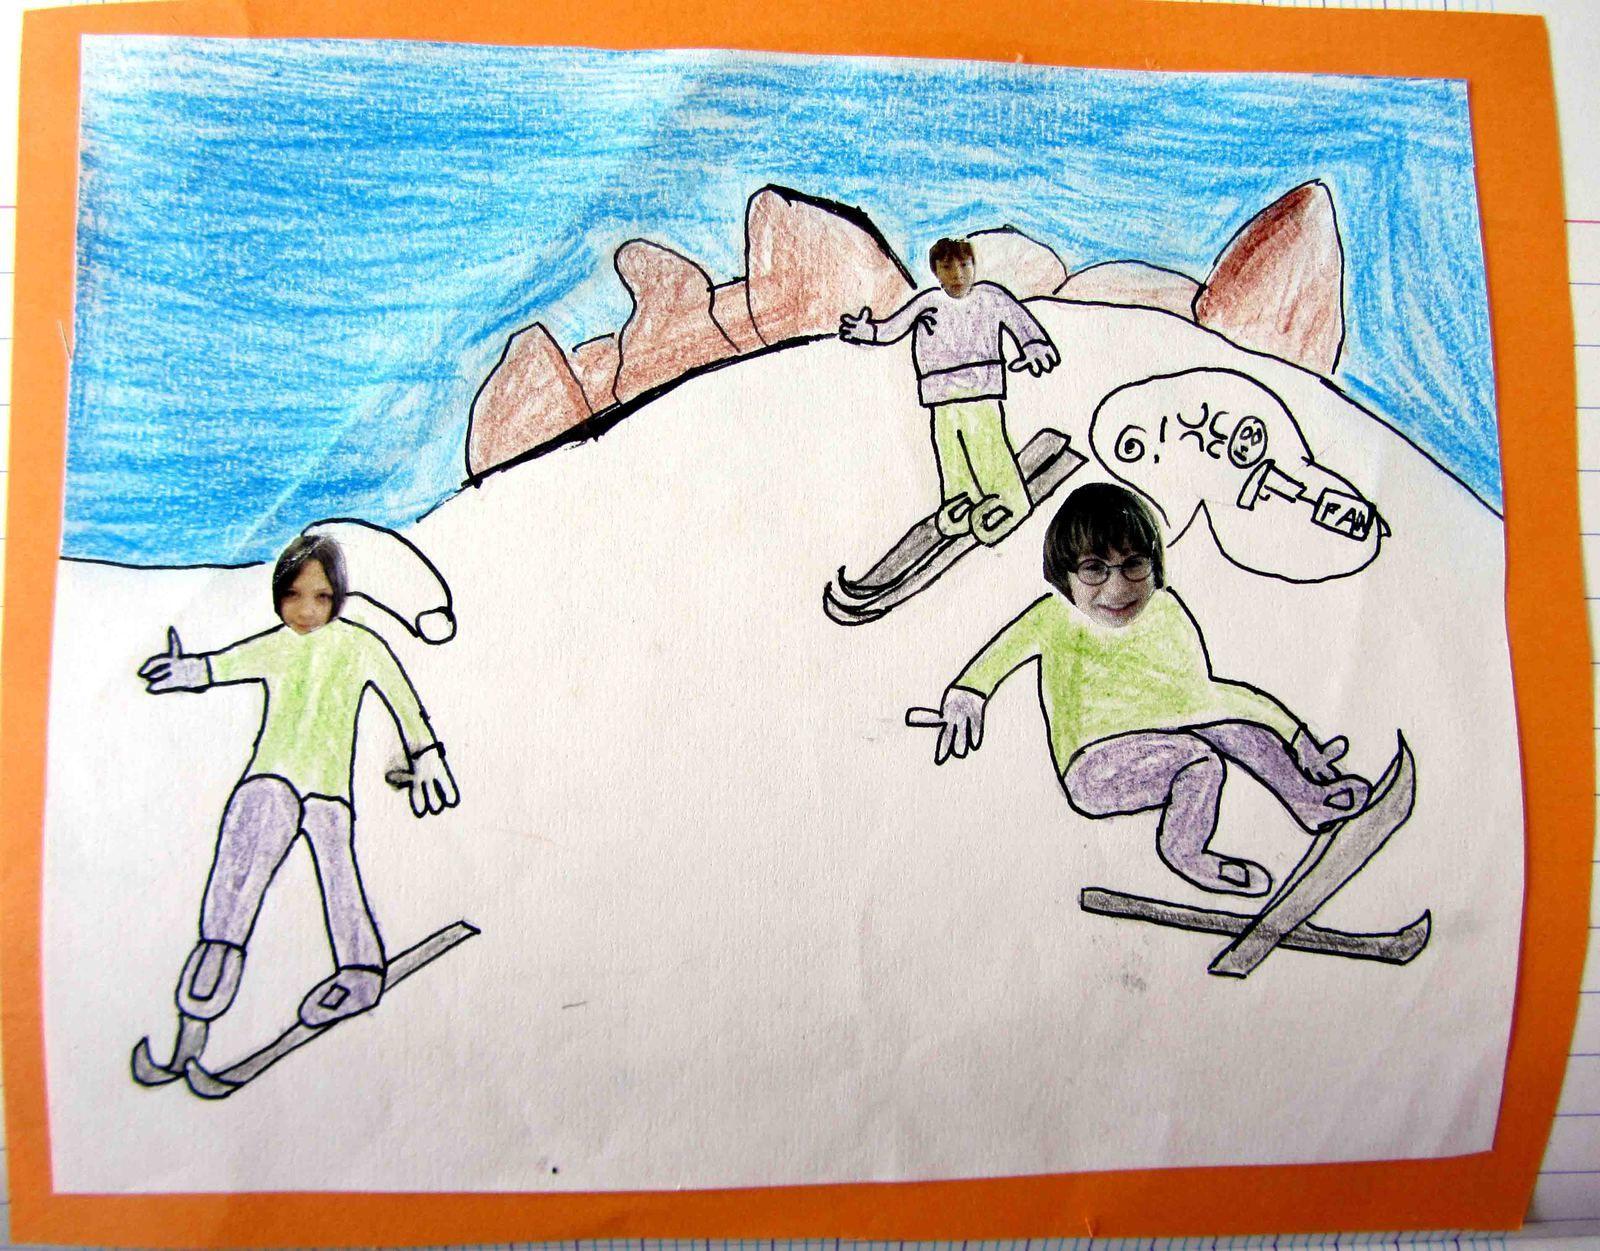 Dessinons-nous en train de skier au Pré-Poncet!